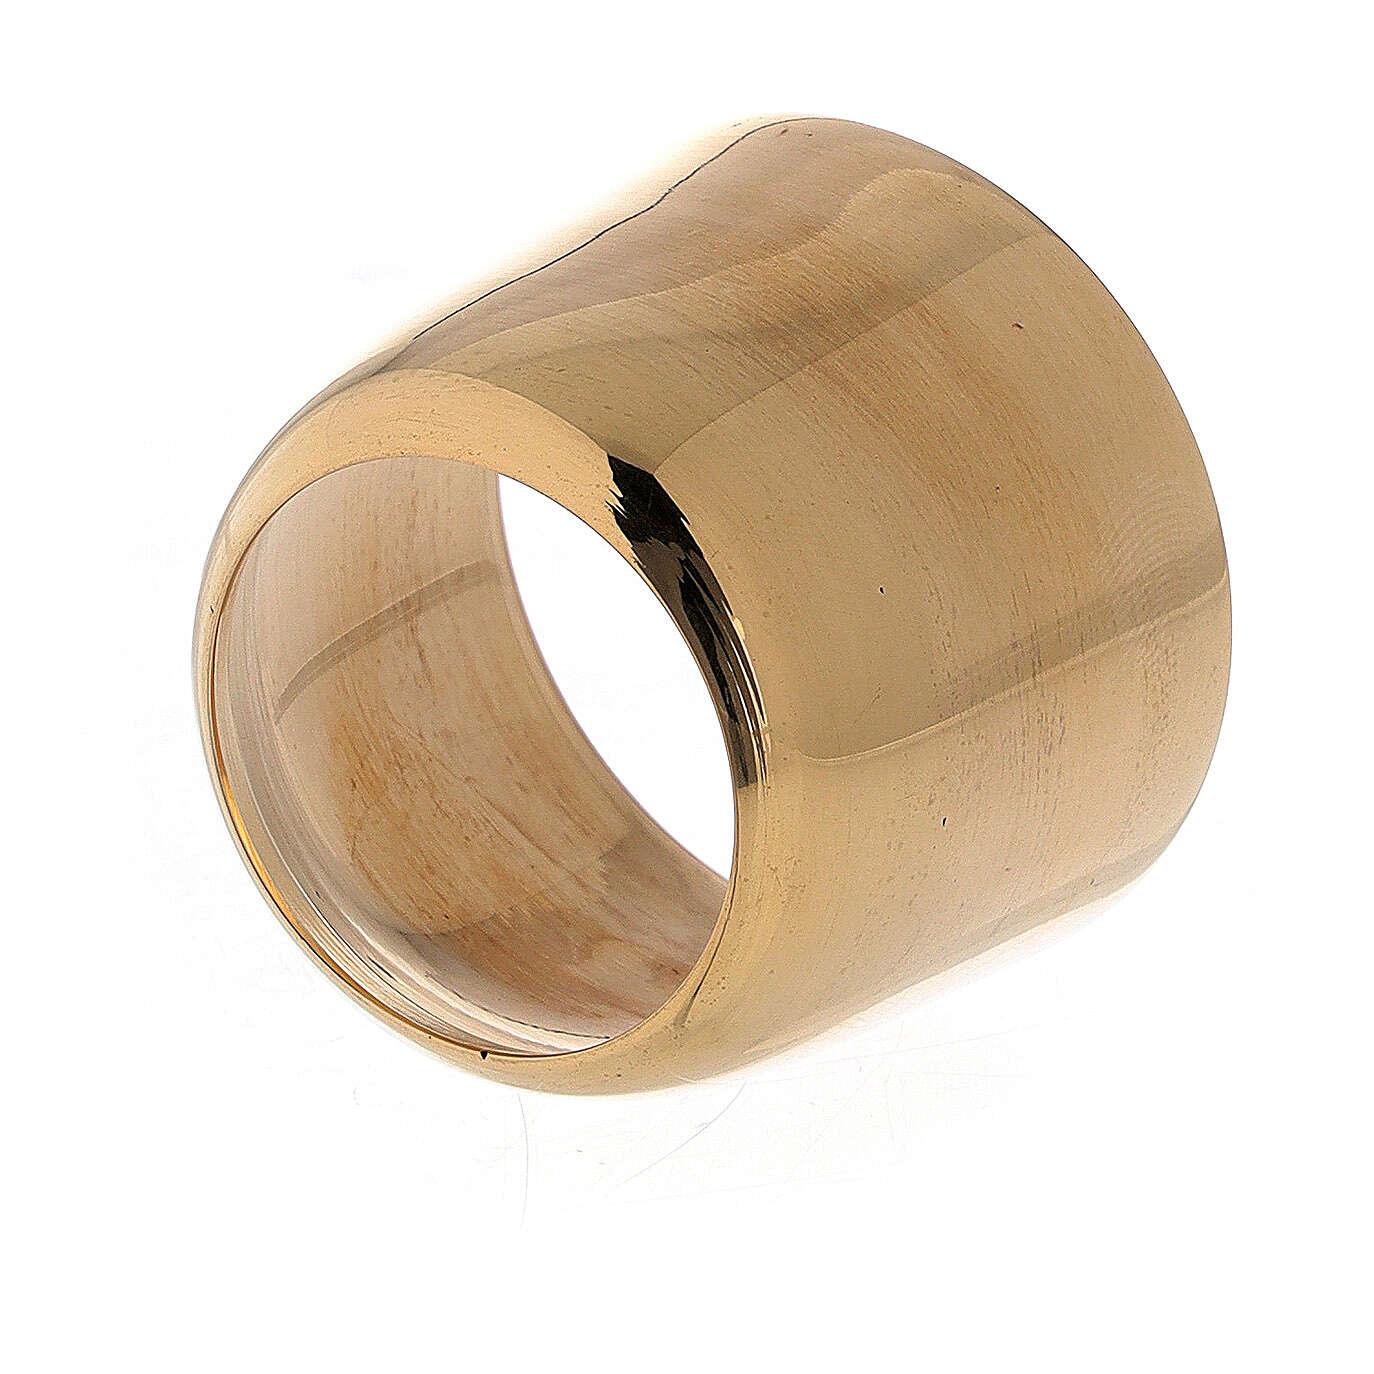 Anello portacandela 4 cm ottone dorato 4